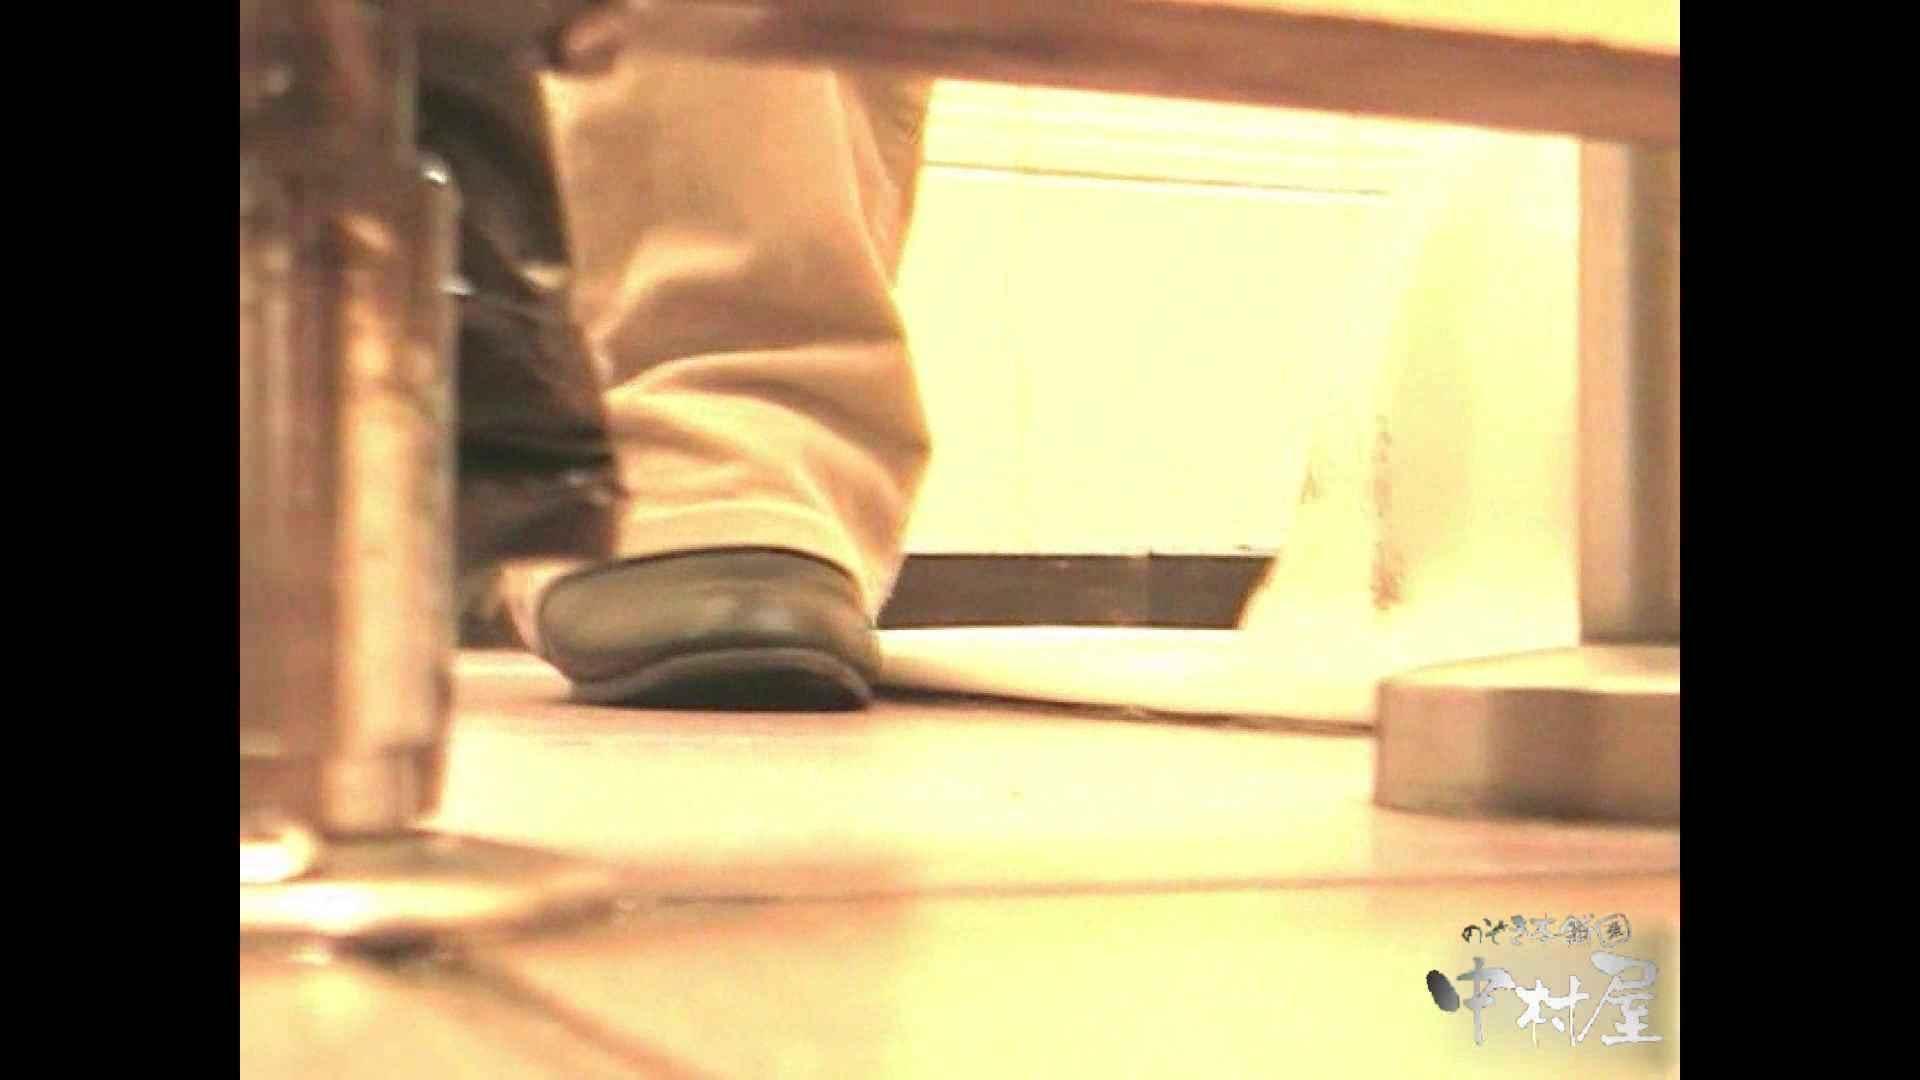 岩手県在住盗撮師盗撮記録vol.02 OLのエロ生活 覗きおまんこ画像 79連発 42